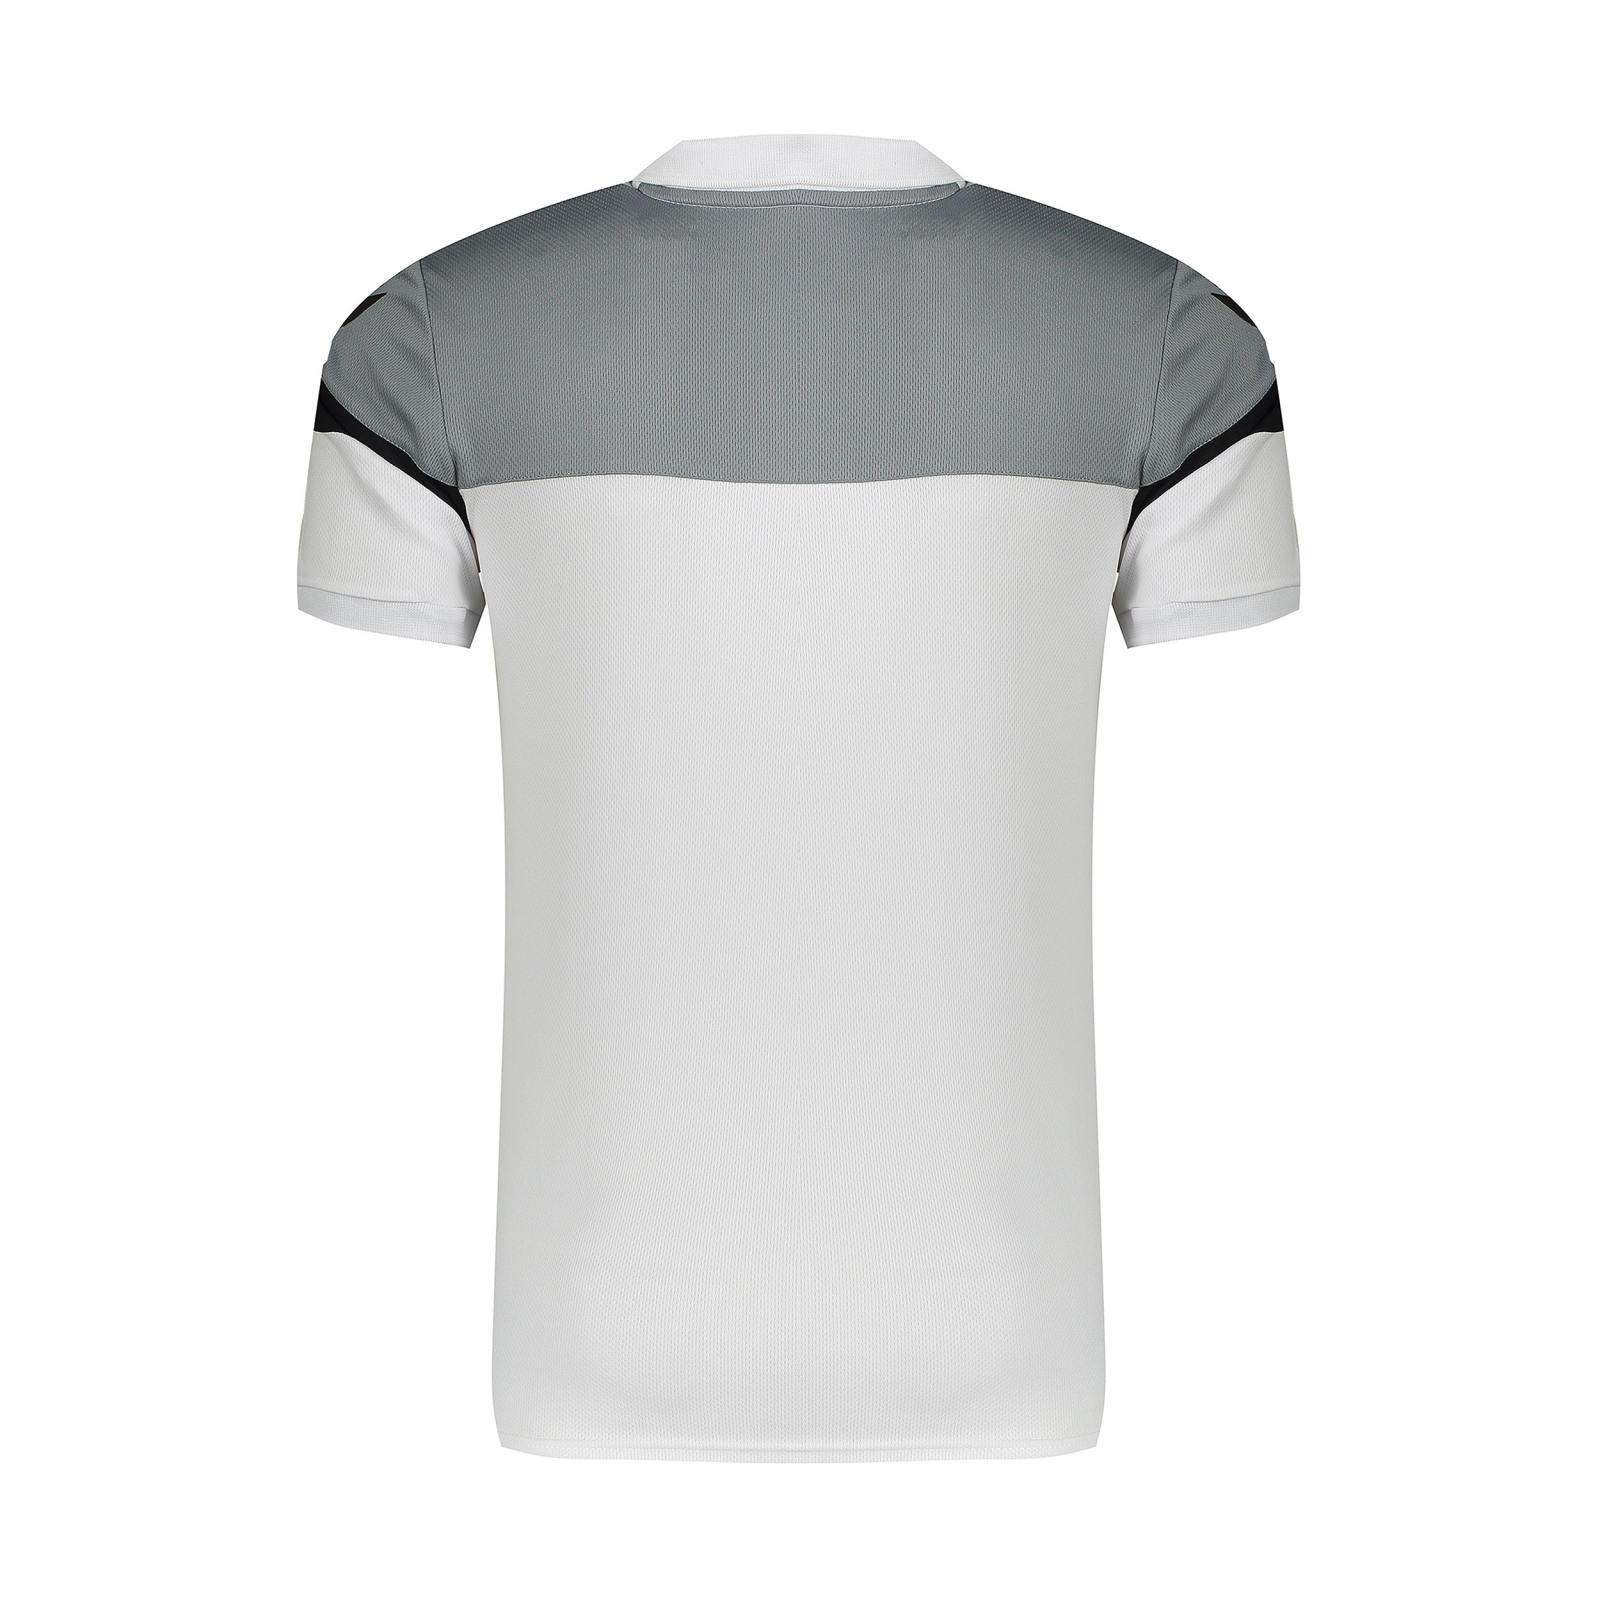 پولوشرت ورزشی مردانه مکرون مدل شوفار کد 35020-01 -  - 6